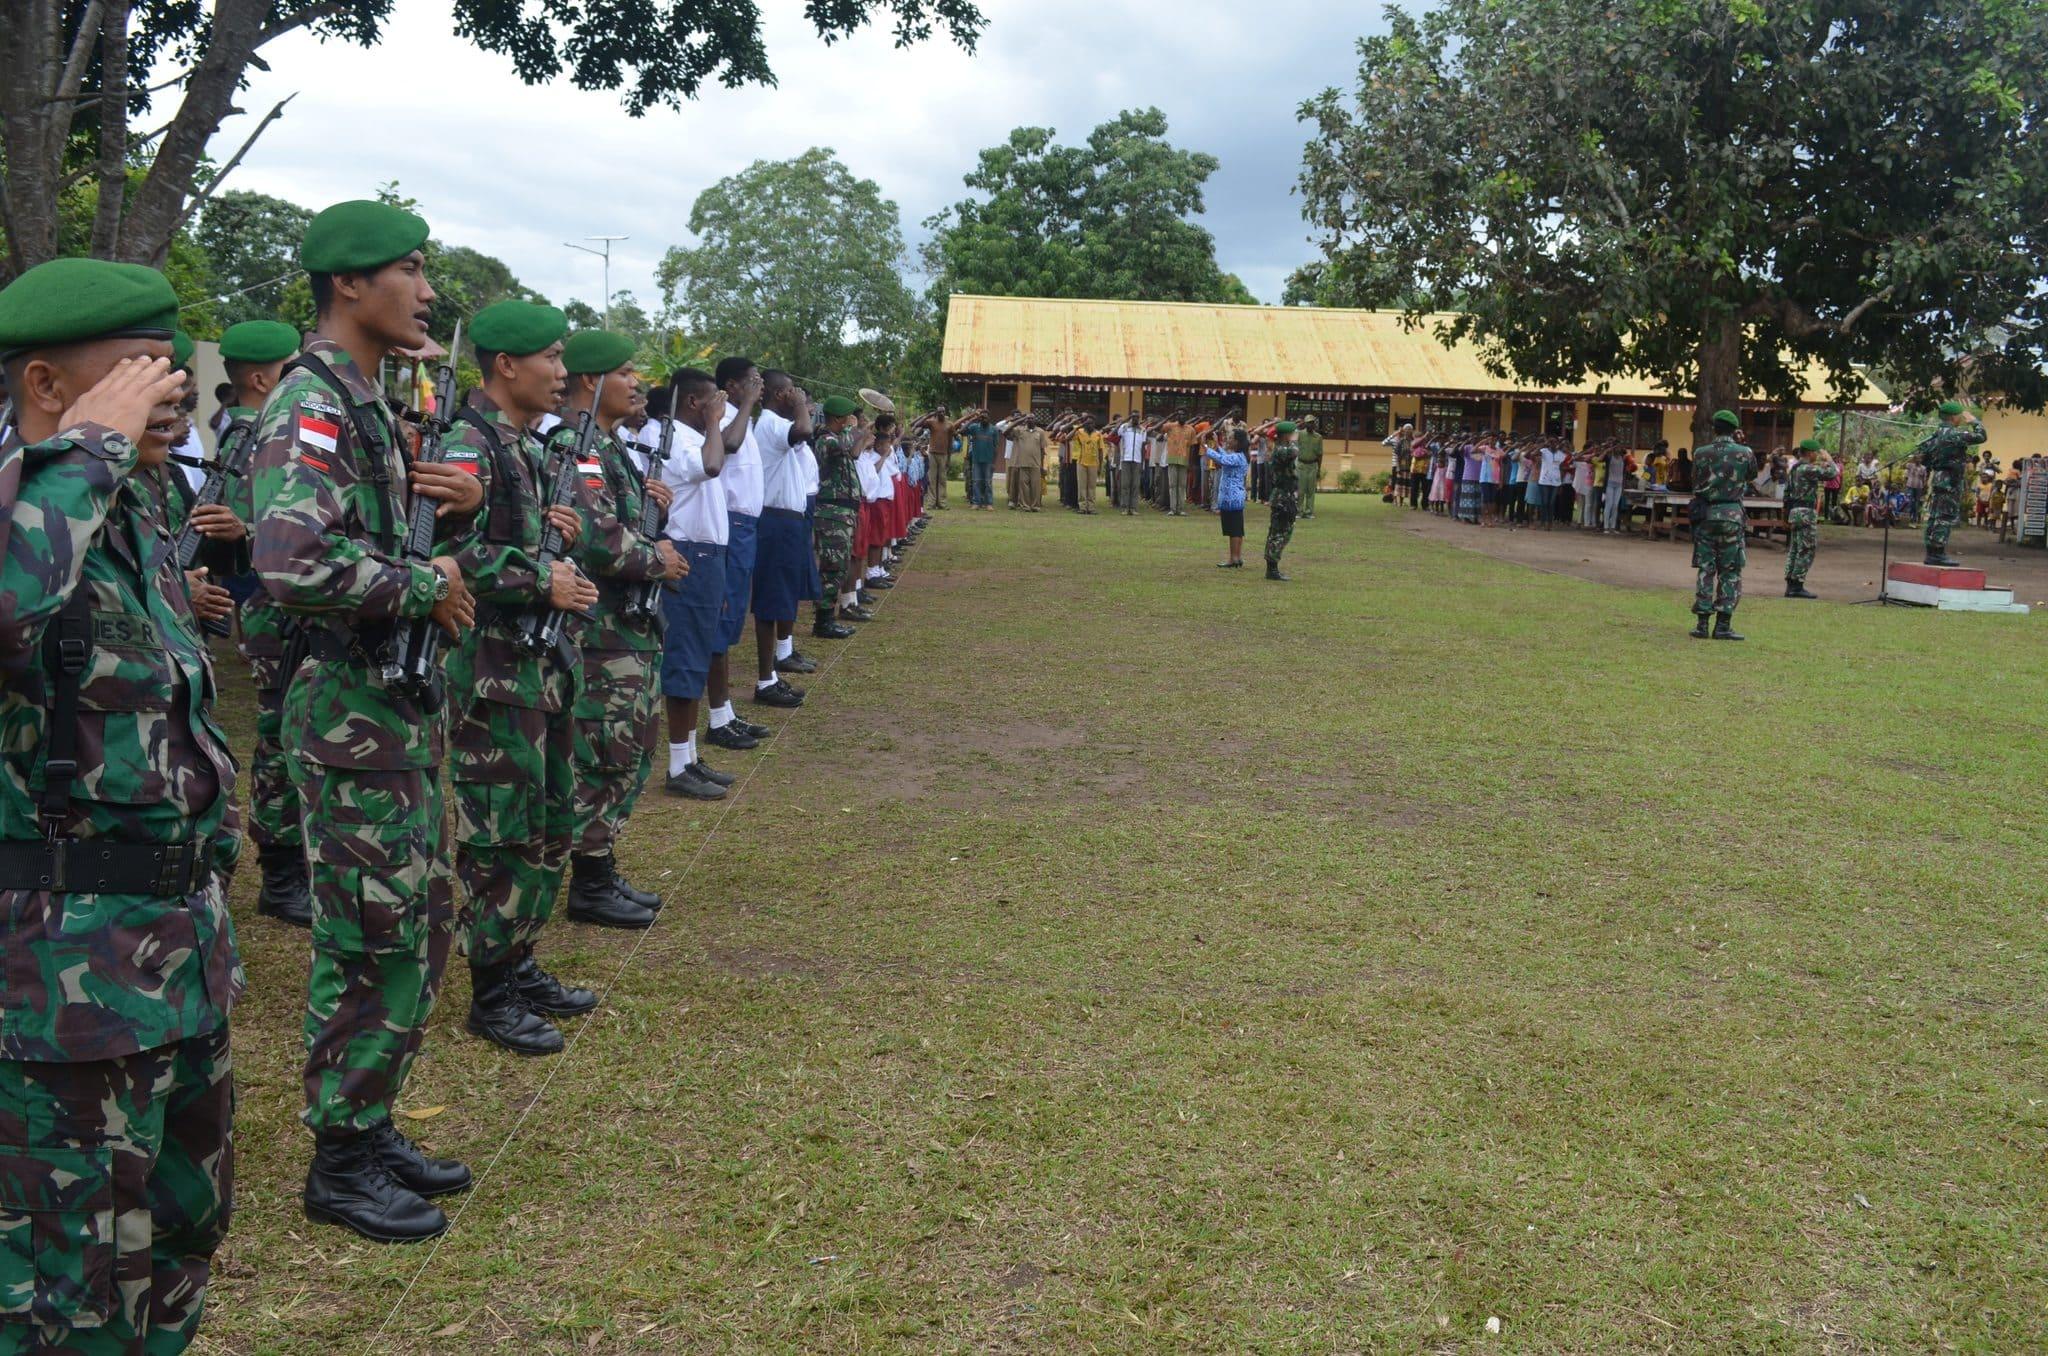 Satgas Pamtas RI-PNG Yonif 320/BP Menggelar Upacara Bendera HUT Ke-69 RI di Kampung Terdepan Tapal Batas RI-PNG